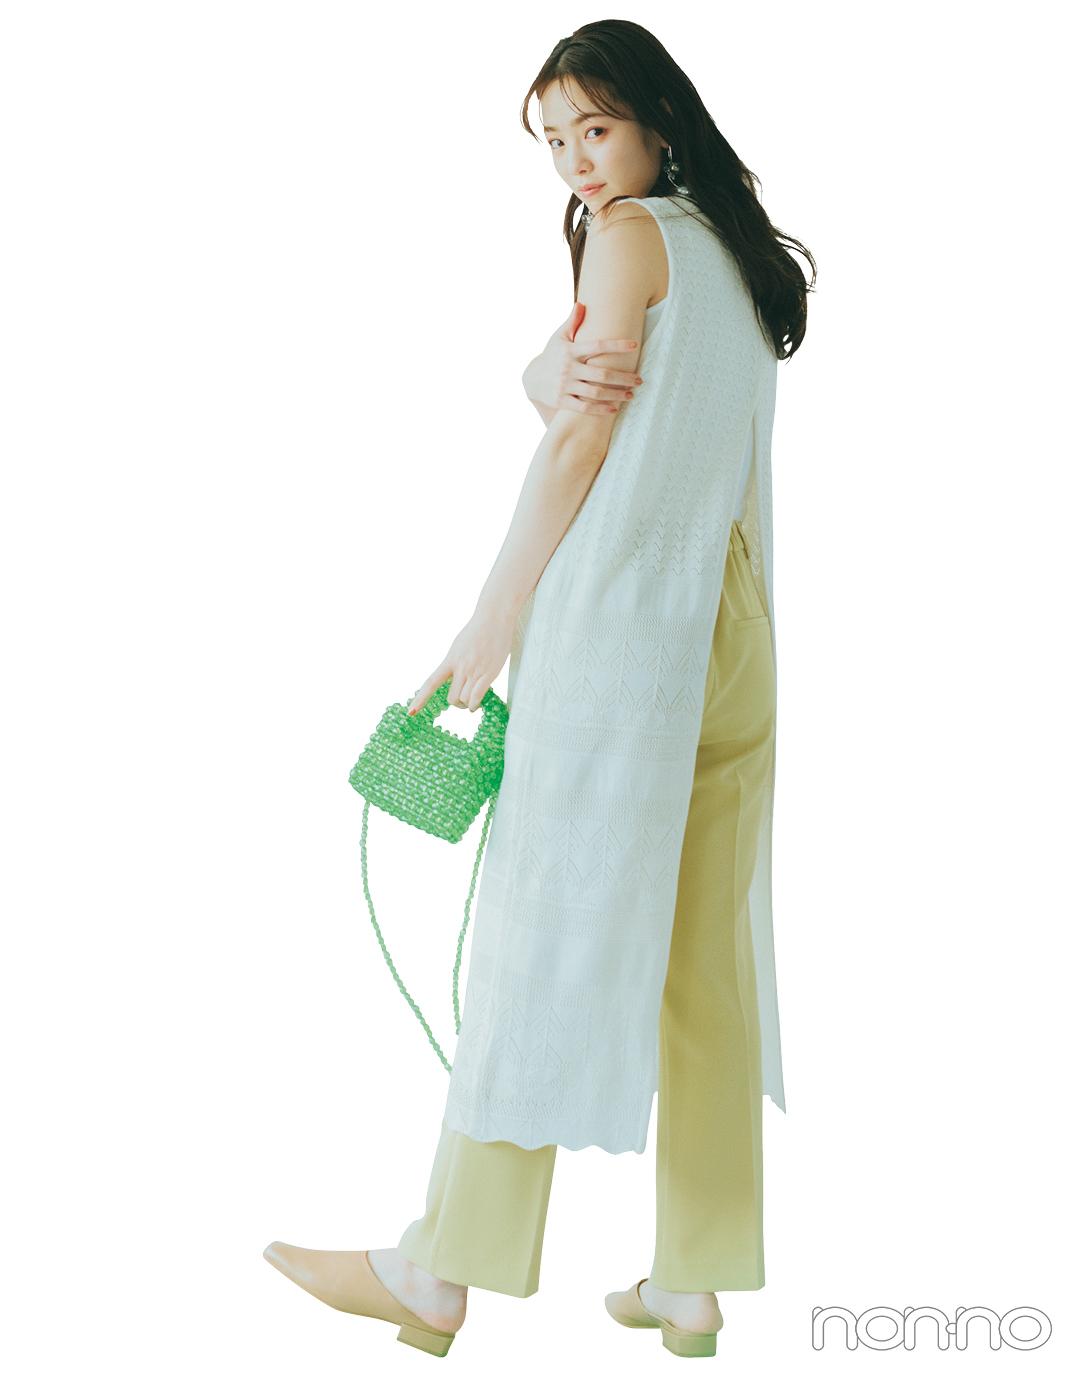 『横田真悠』の『カラーパンツ』モデルカット5−3